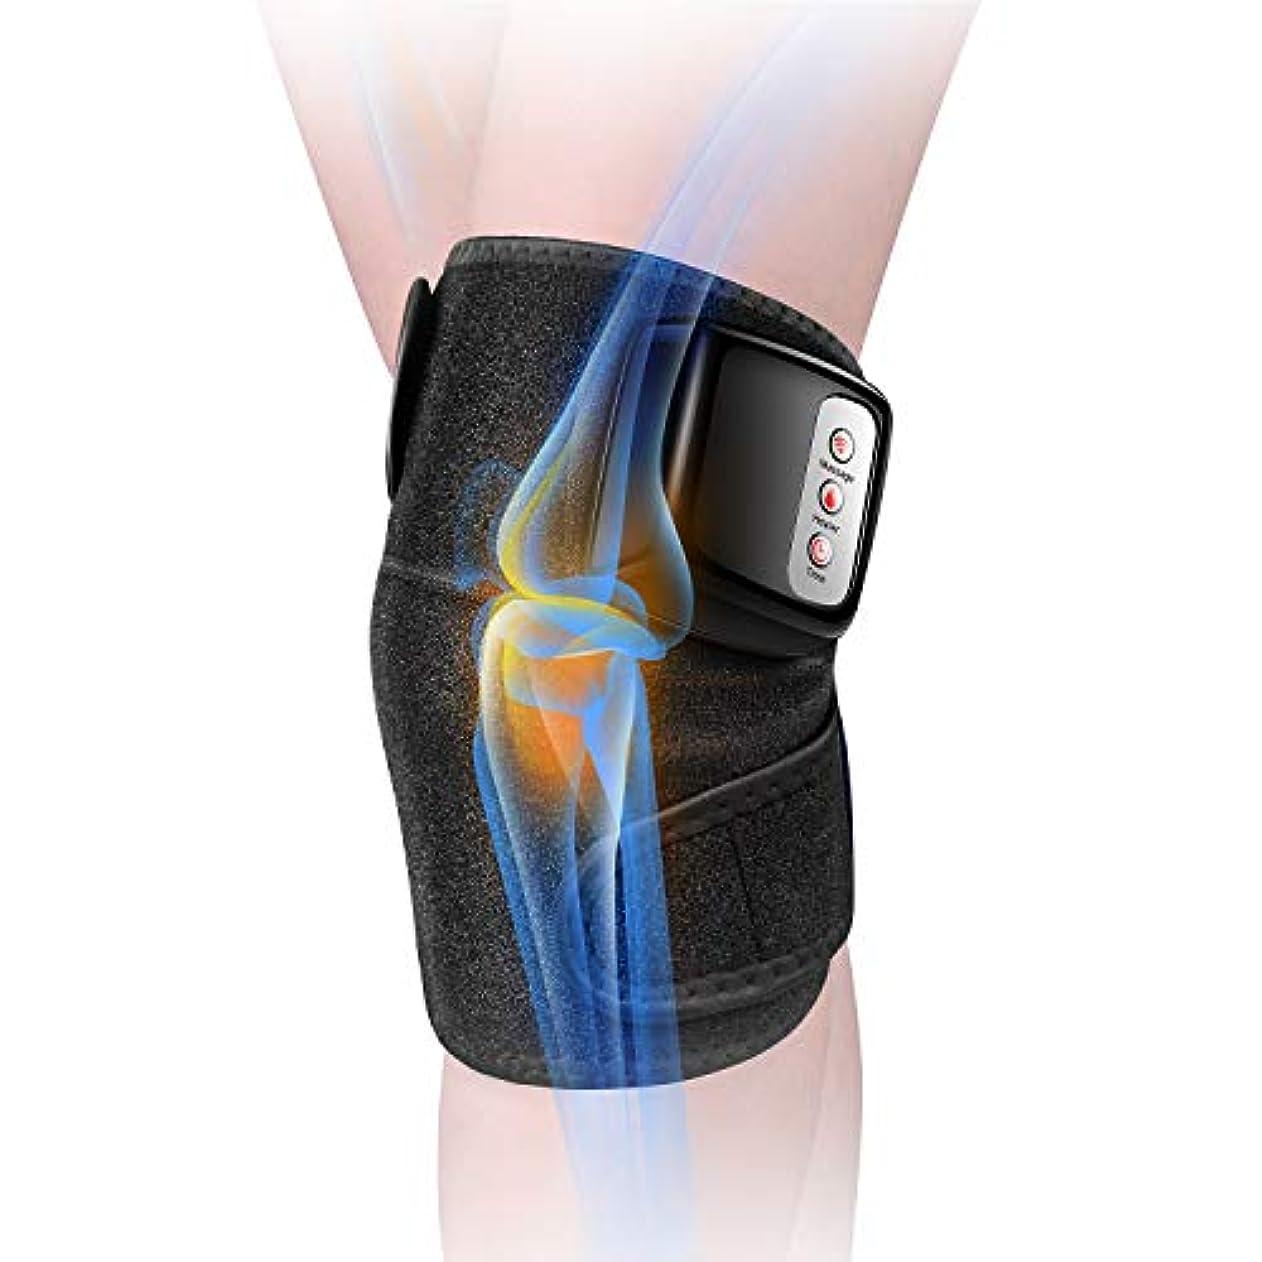 命令的忘れるポール膝マッサージャー 関節マッサージャー マッサージ器 フットマッサージャー 振動 赤外線療法 温熱療法 膝サポーター ストレス解消 肩 太もも/腕対応